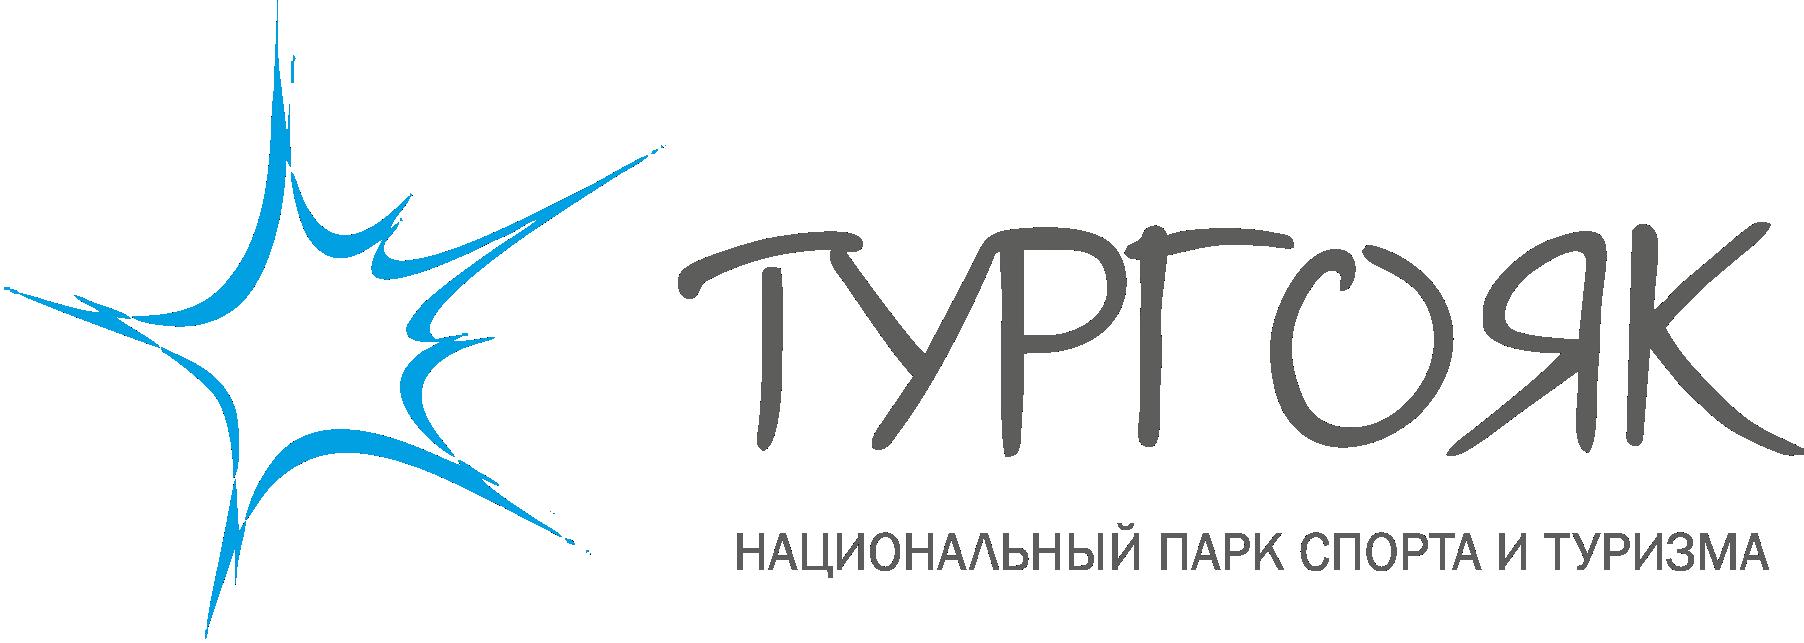 Логотип партнёра: Тургояк-сити